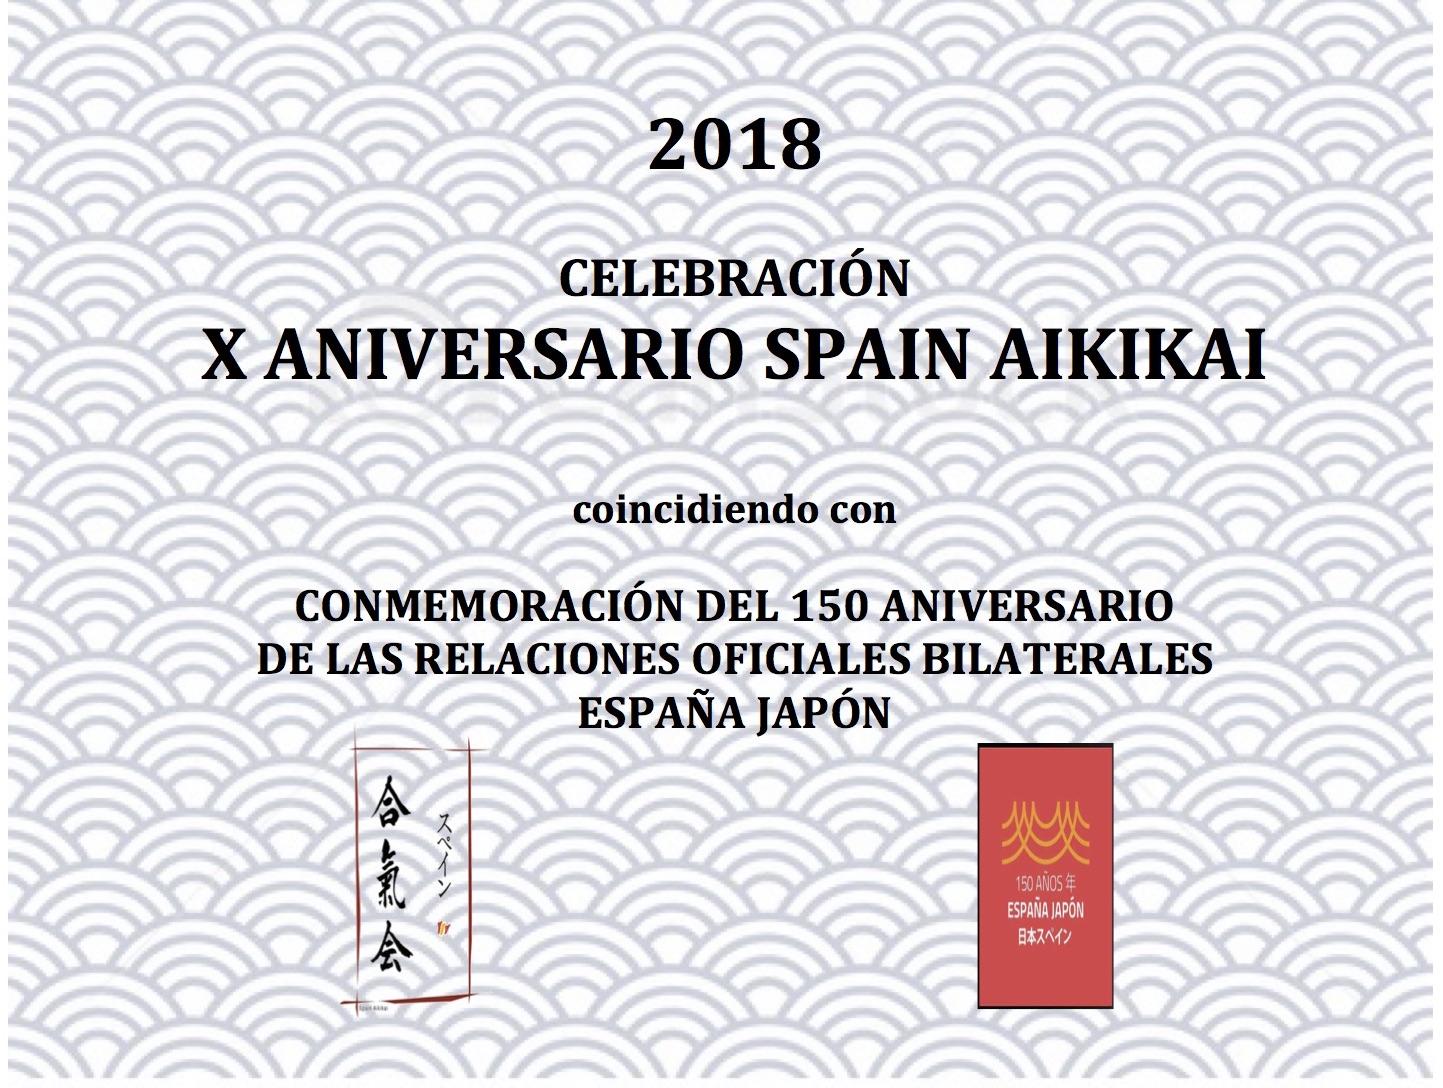 X Aniversario Spain Aikikai